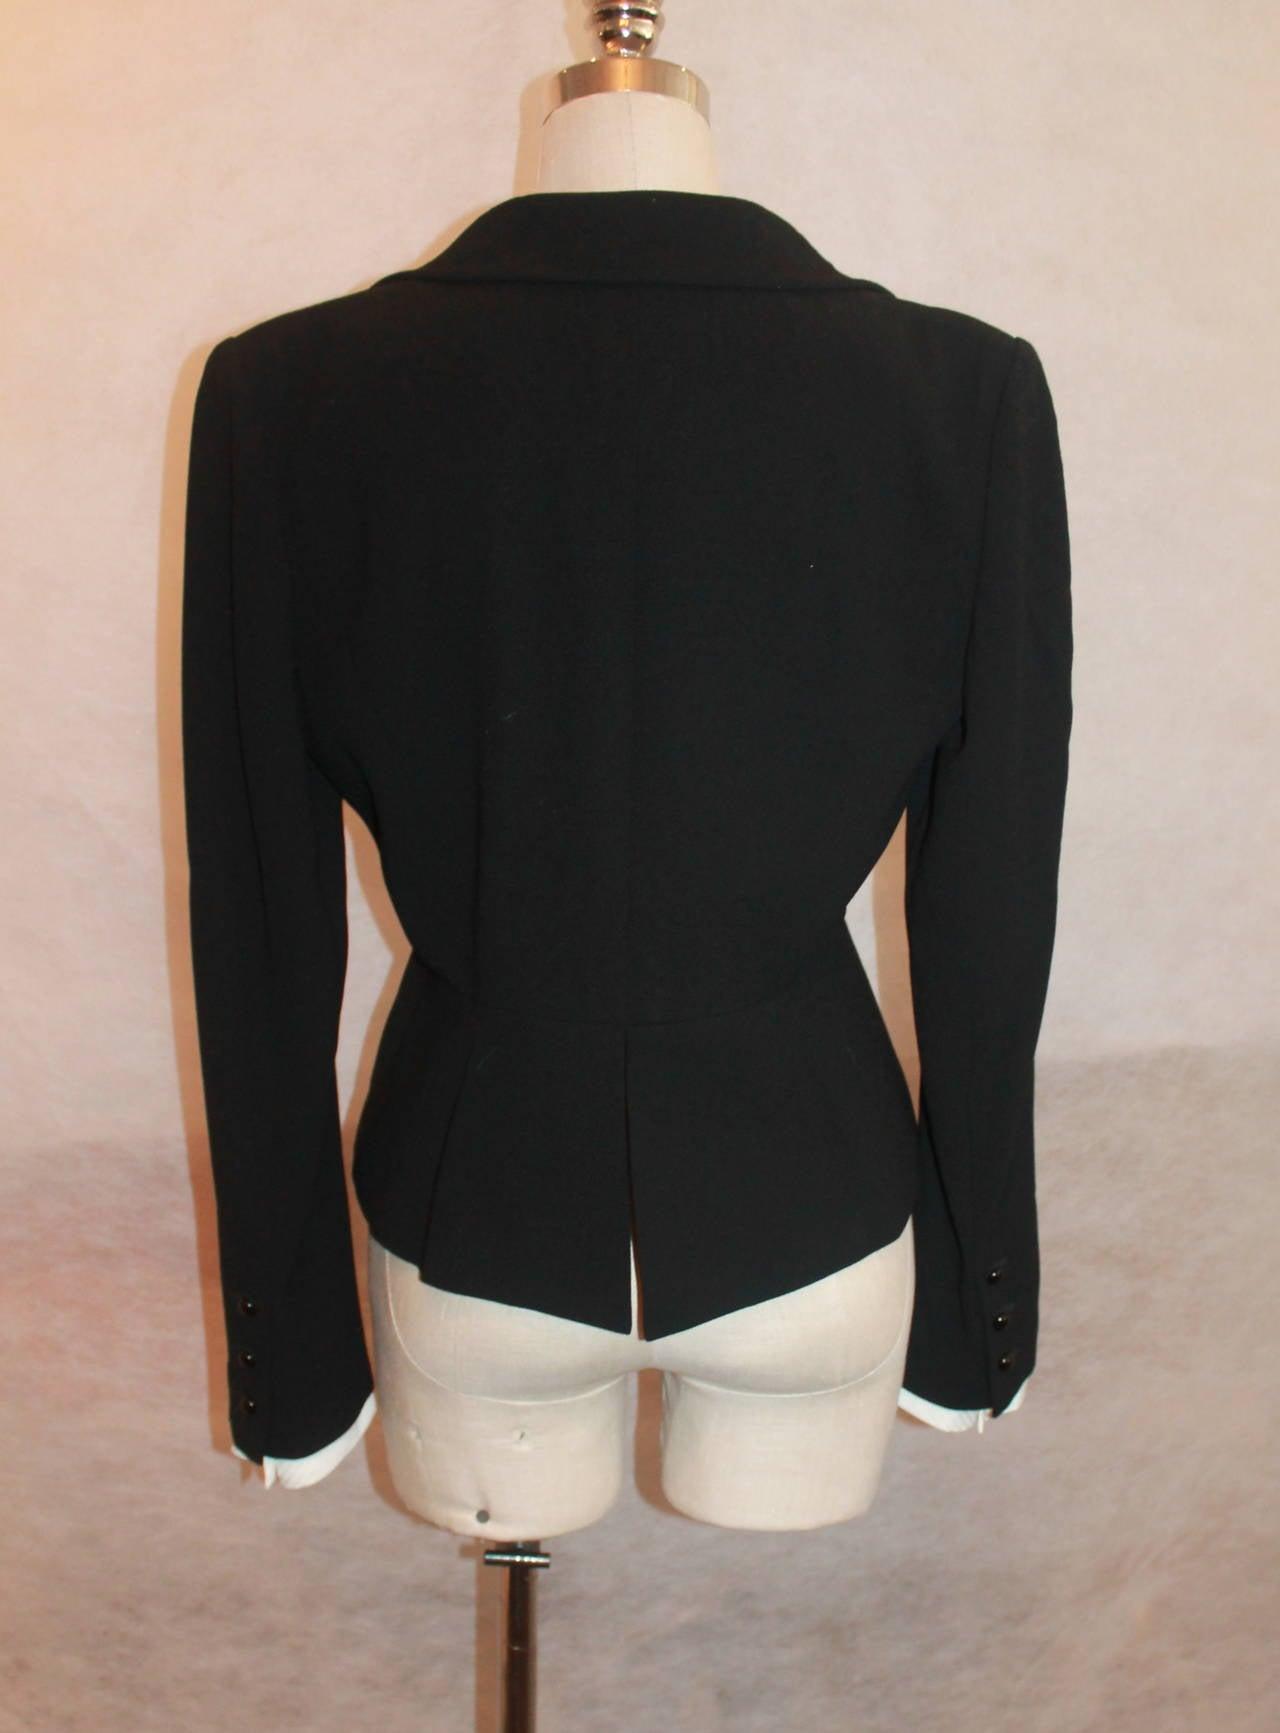 Chanel Black Wool Tuxedo Style Jacket - 40 - NWT 6